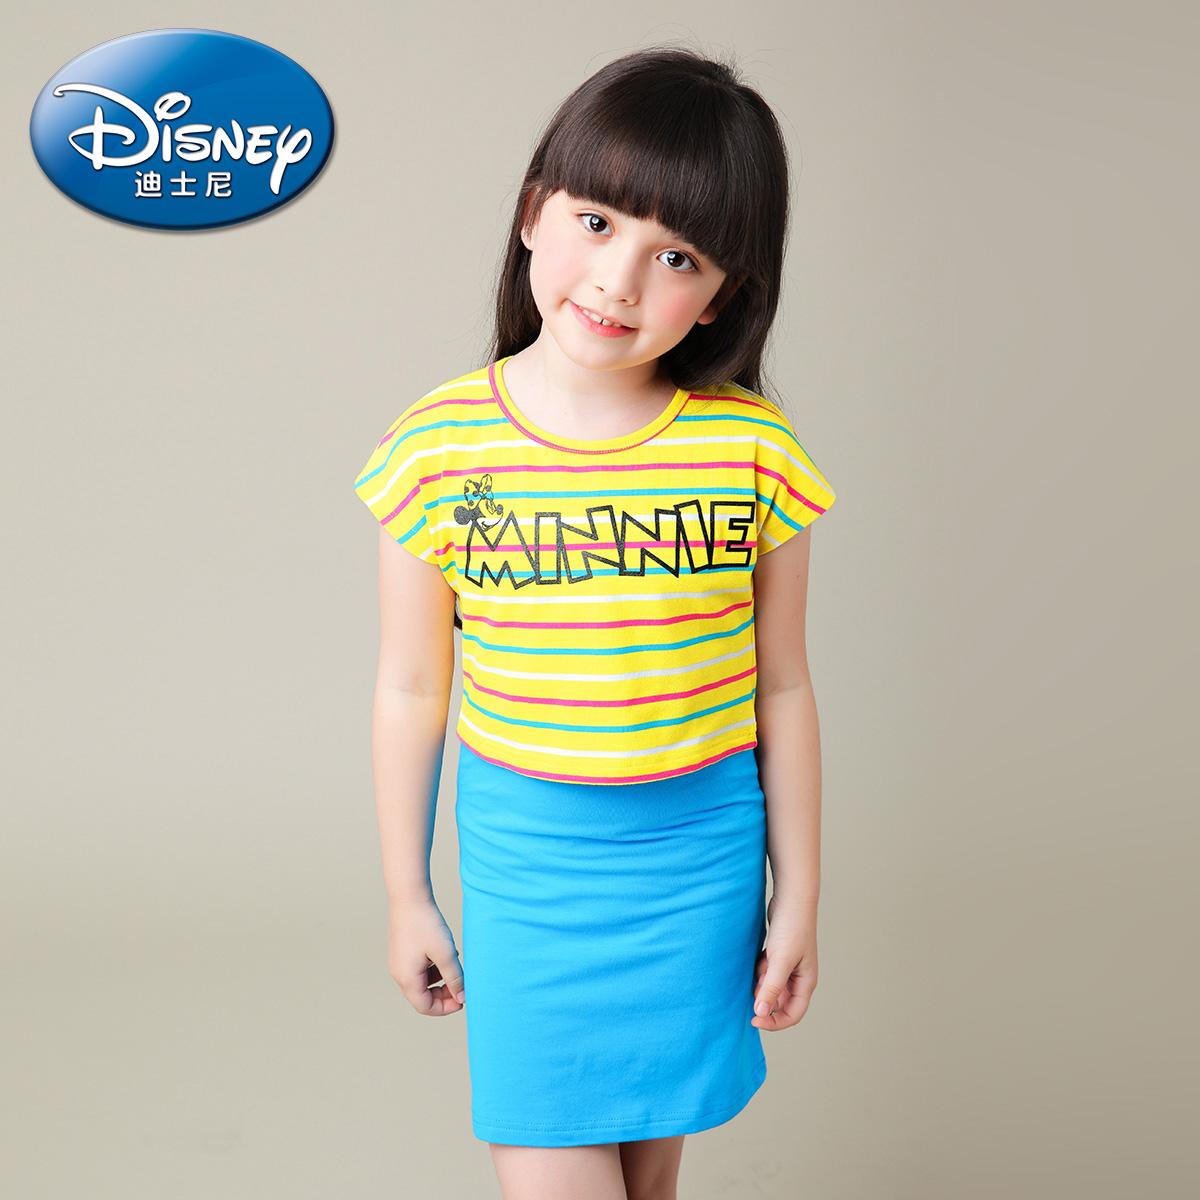 платье Disney nx505009 2015